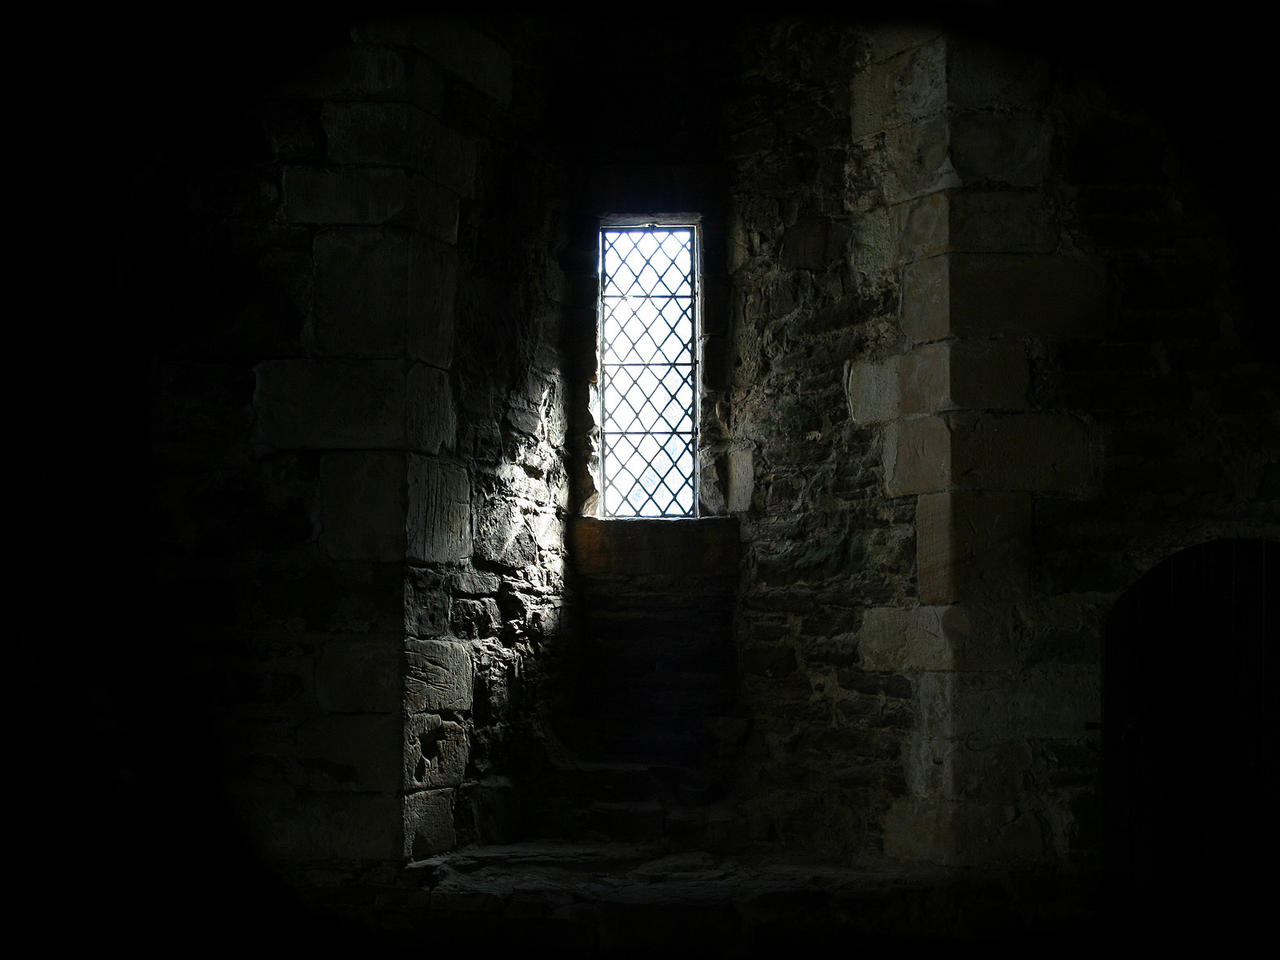 Dark Window by FletchLives on DeviantArt